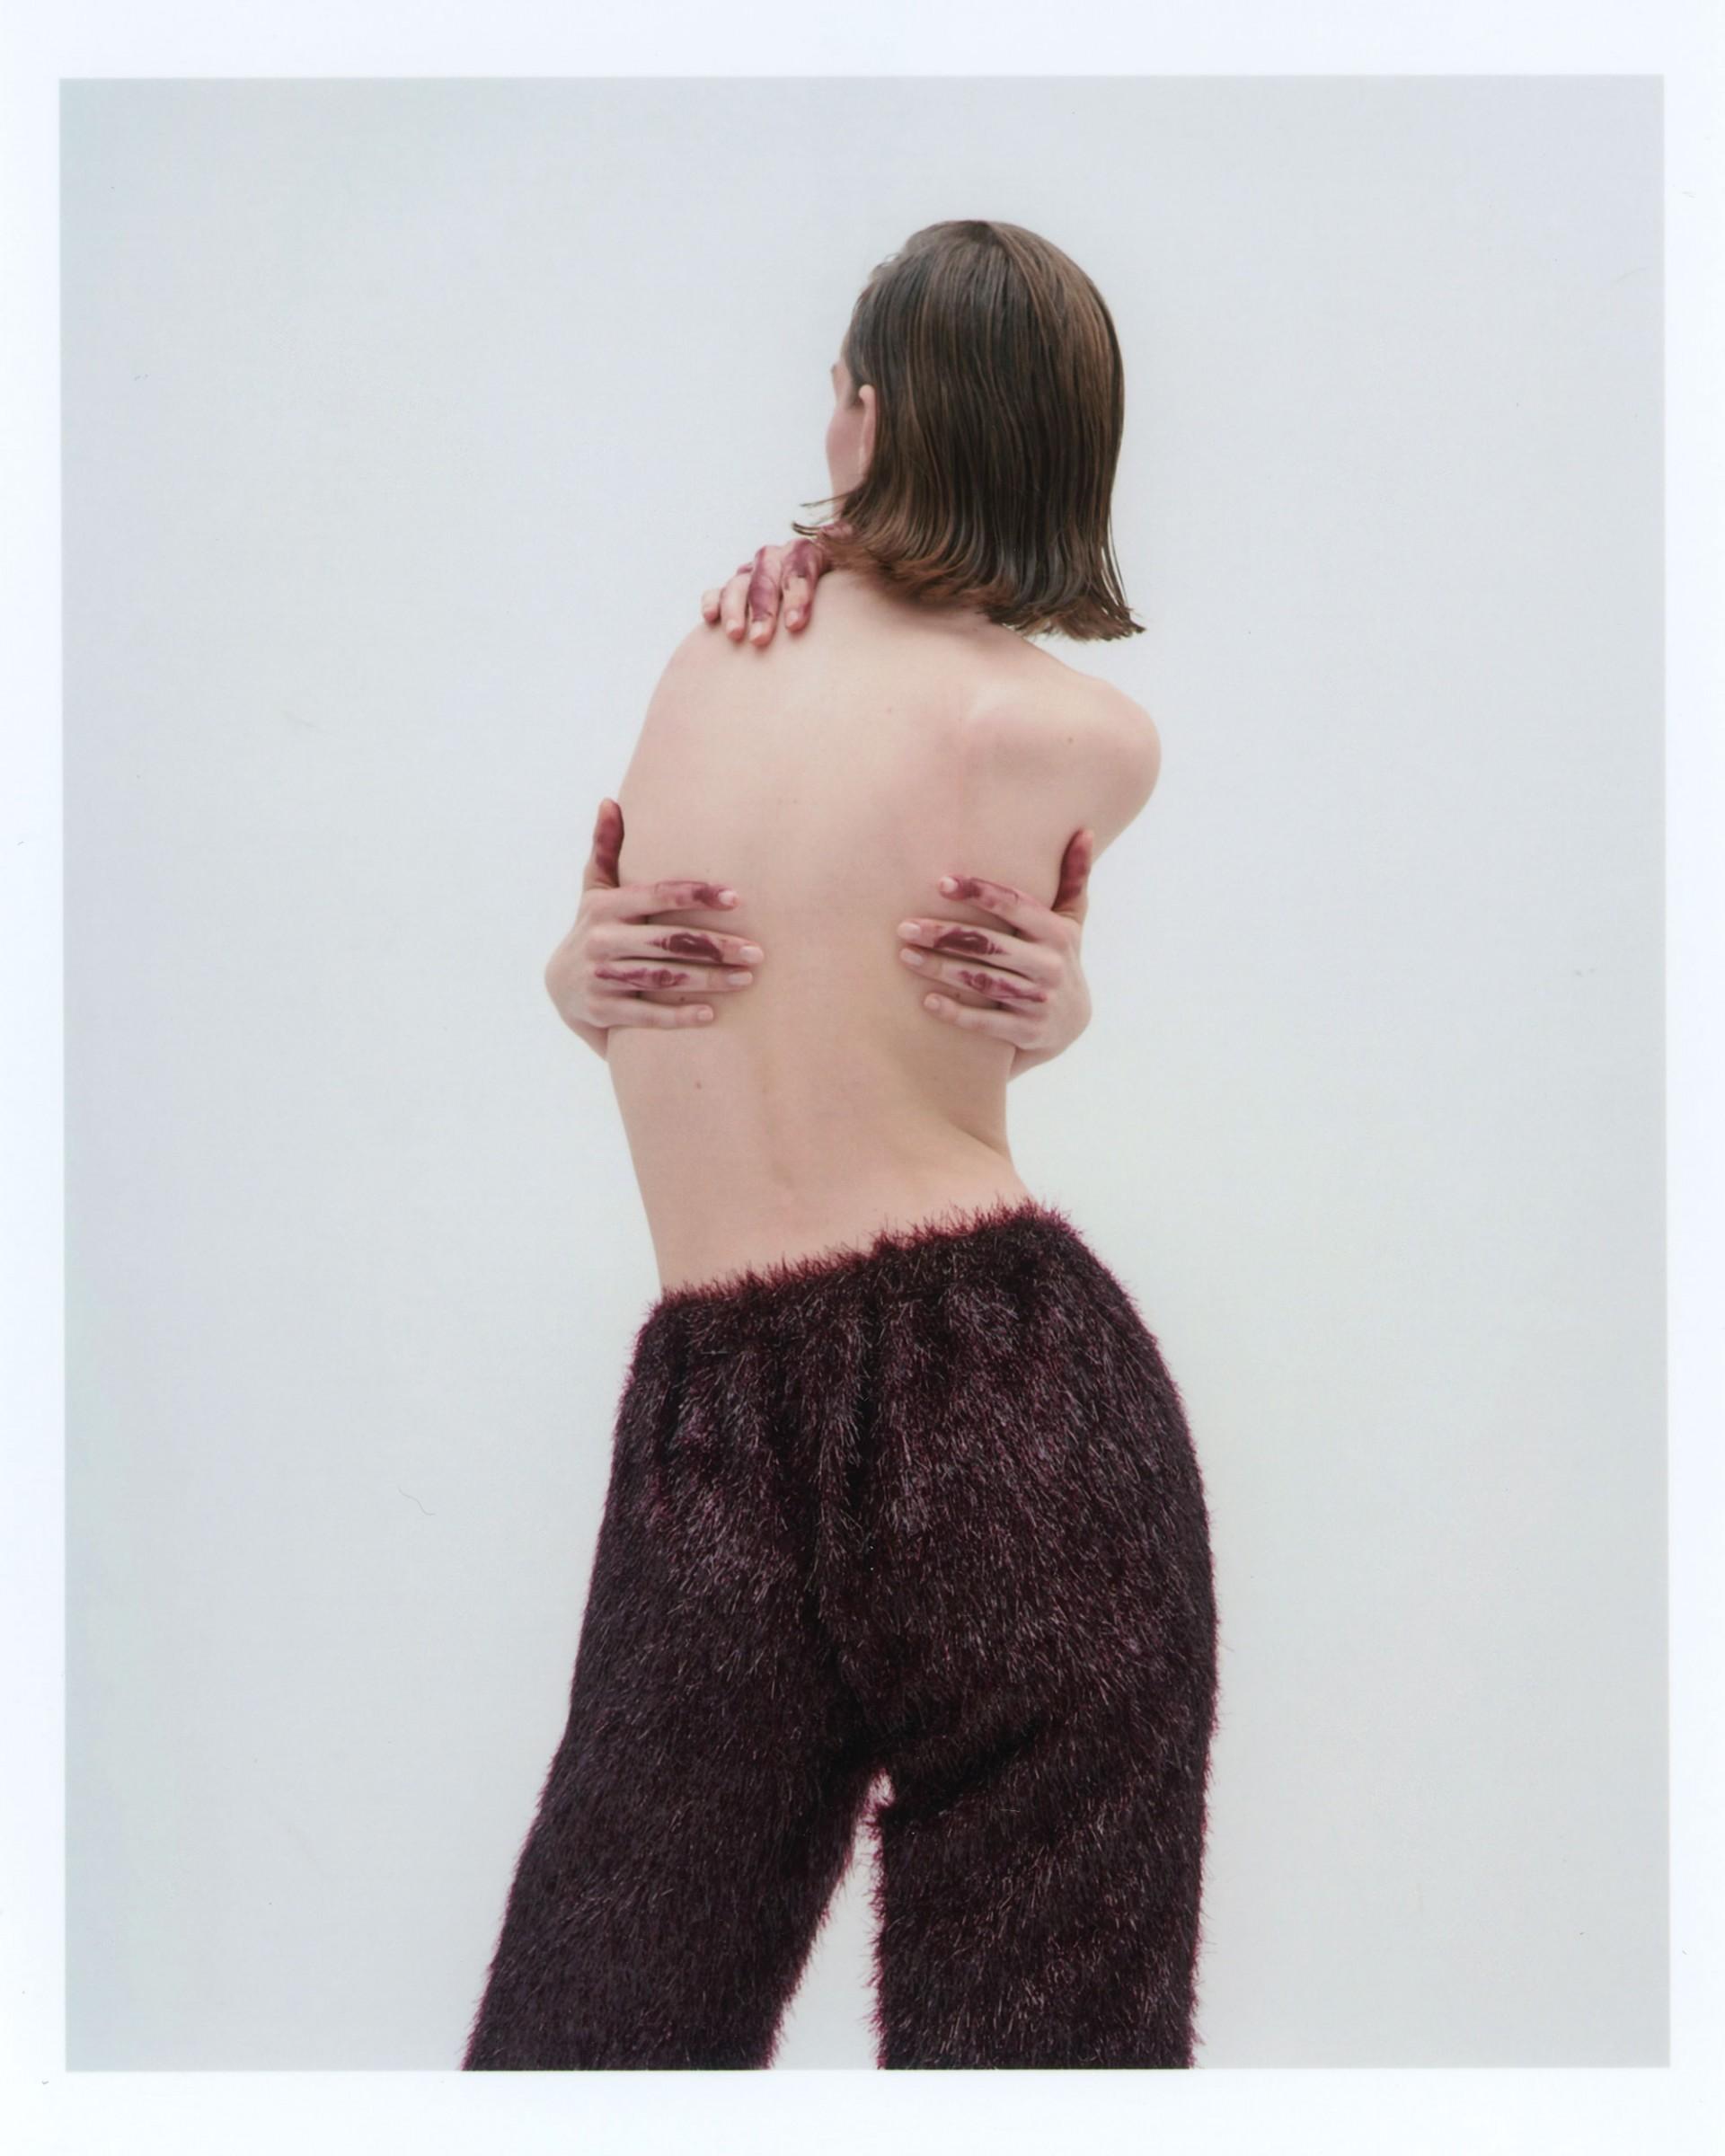 Ricarda Venjacob Styling Nasty Magazine